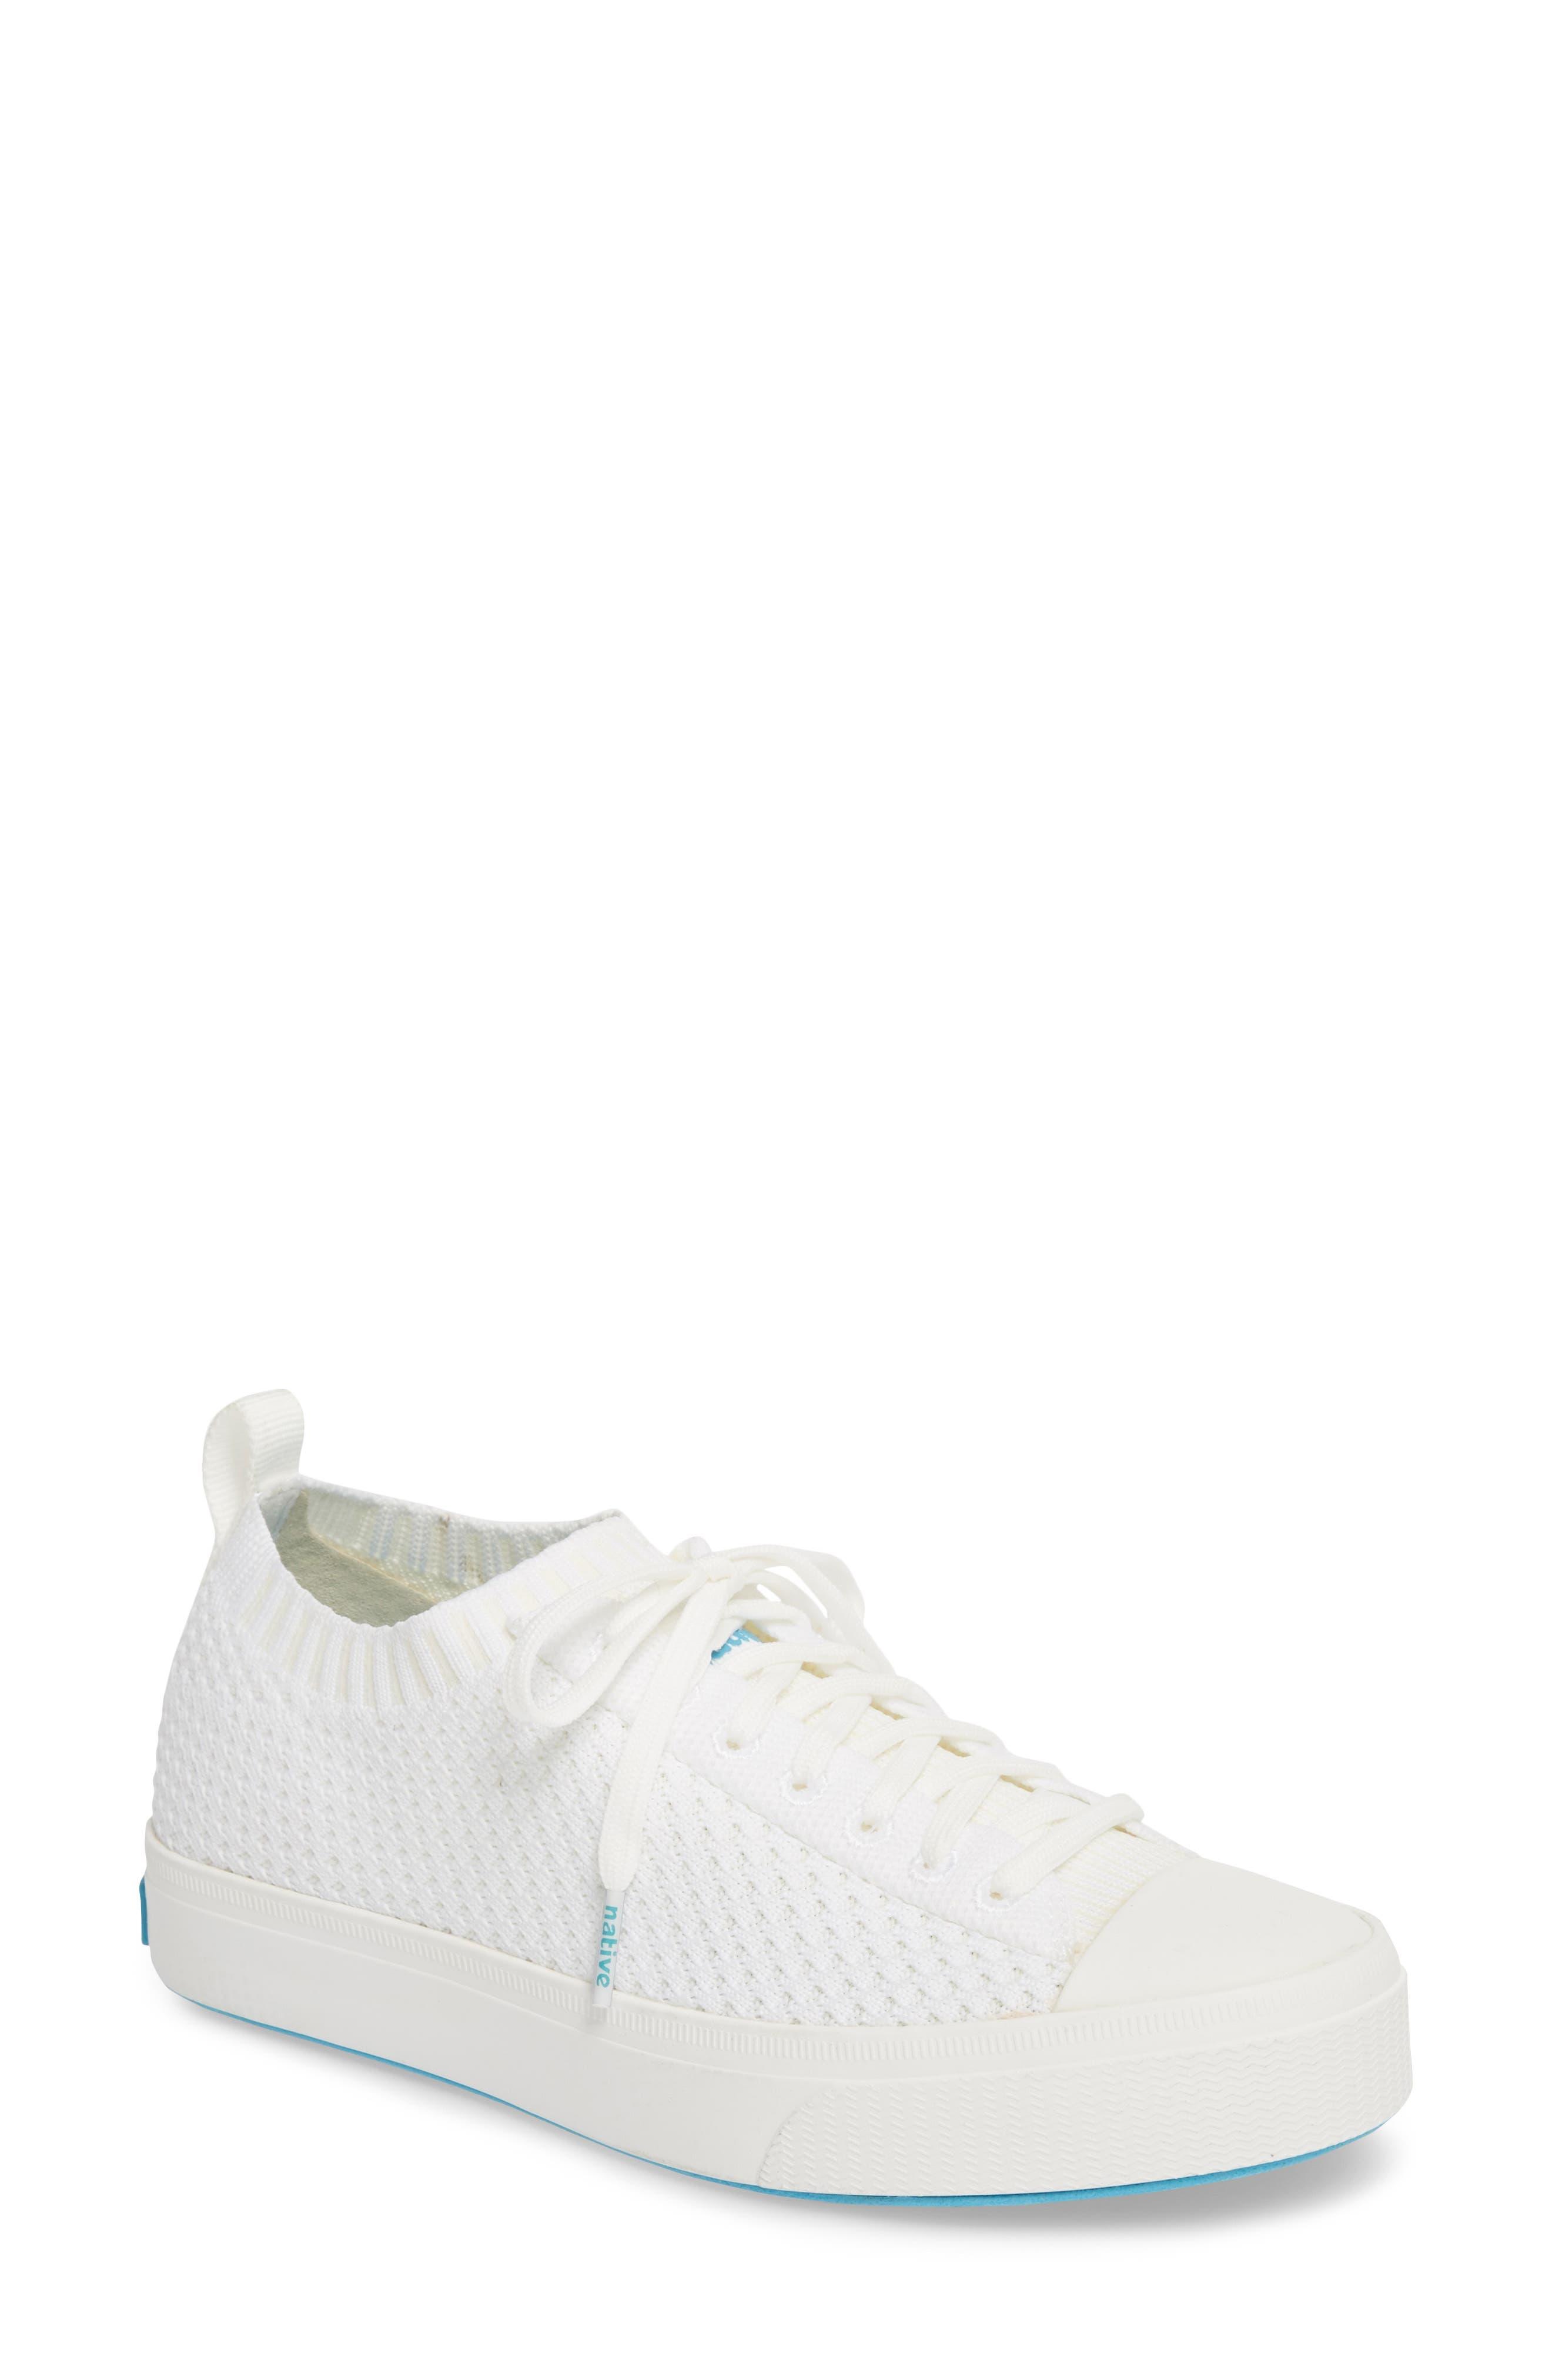 Native Shoes Jefferson 2.0 Liteknit Sneaker, White